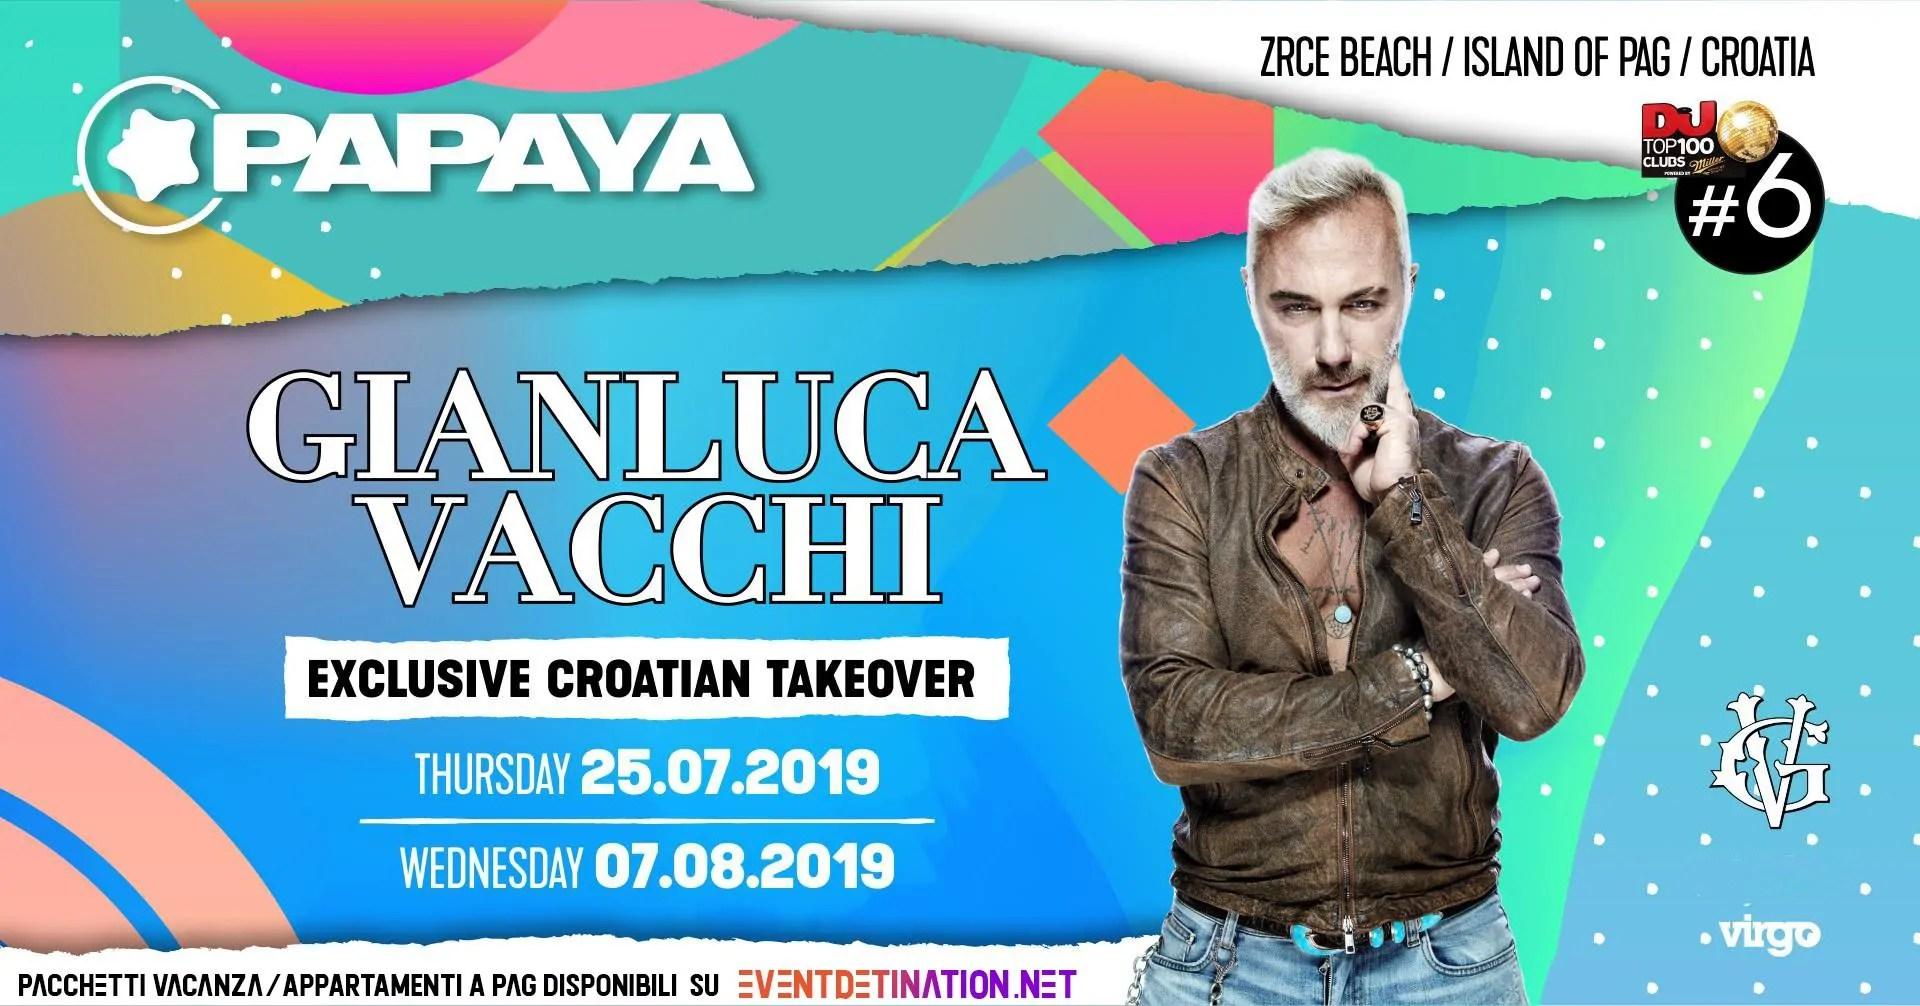 Gianluca Vacchi Papaya Club – 25 Luglio 2019 – Zrce Beach Pag Croazia | Ticket – Appartamenti – Viaggio